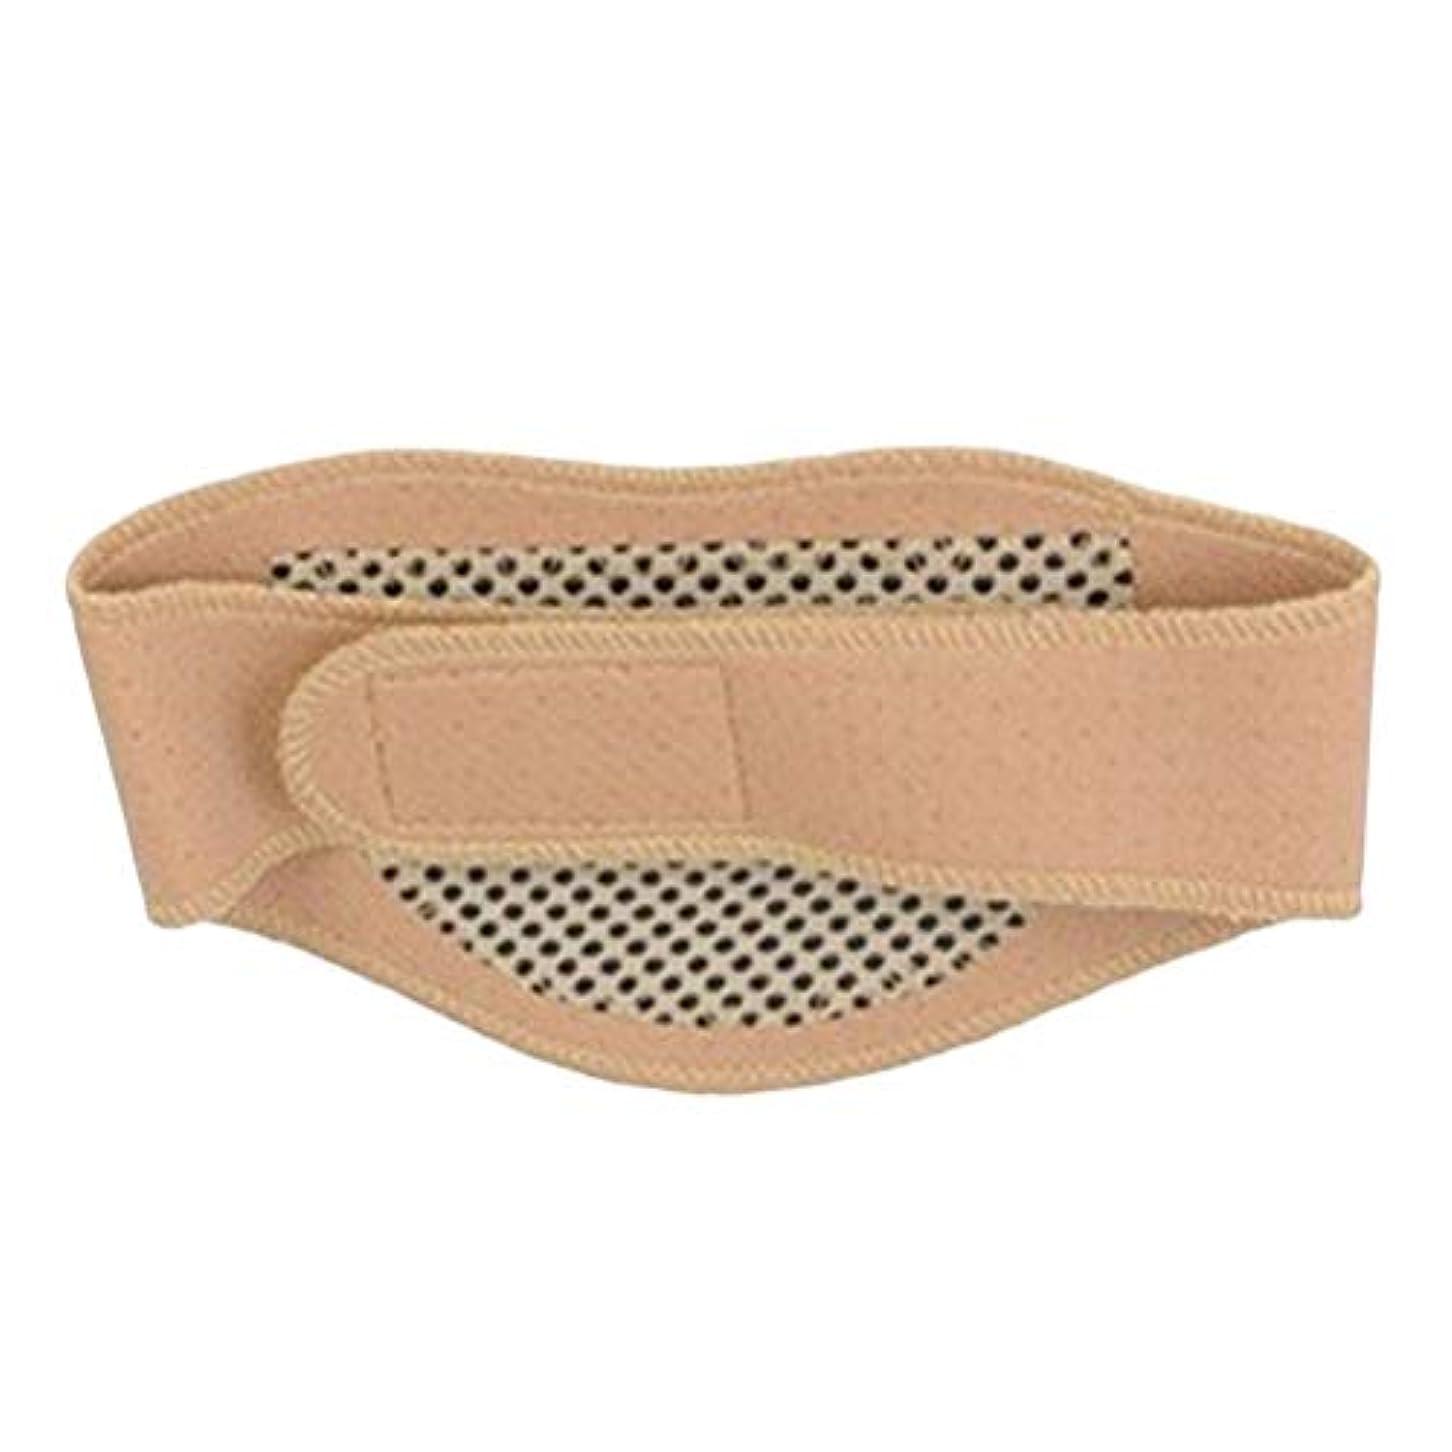 助言地上のスキャンSUPVOX ネックバックストラップサポート自己保護頸椎自発暖房ガード磁気療法ネックブレース